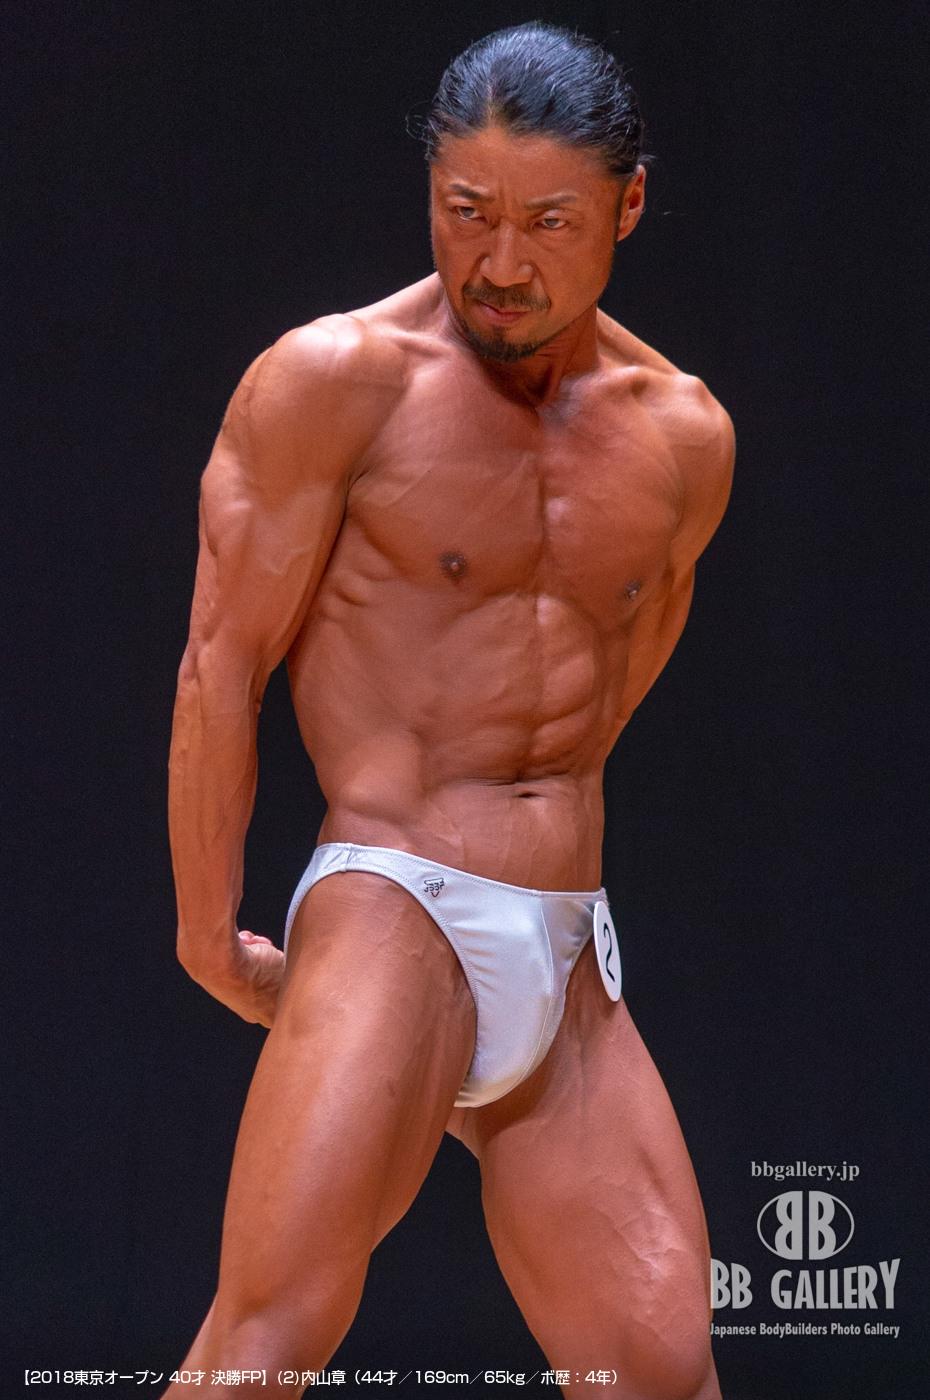 【2018東京オープン 40才 決勝FP】(2)内山章(44才/169cm/65kg/ボ歴:4年)